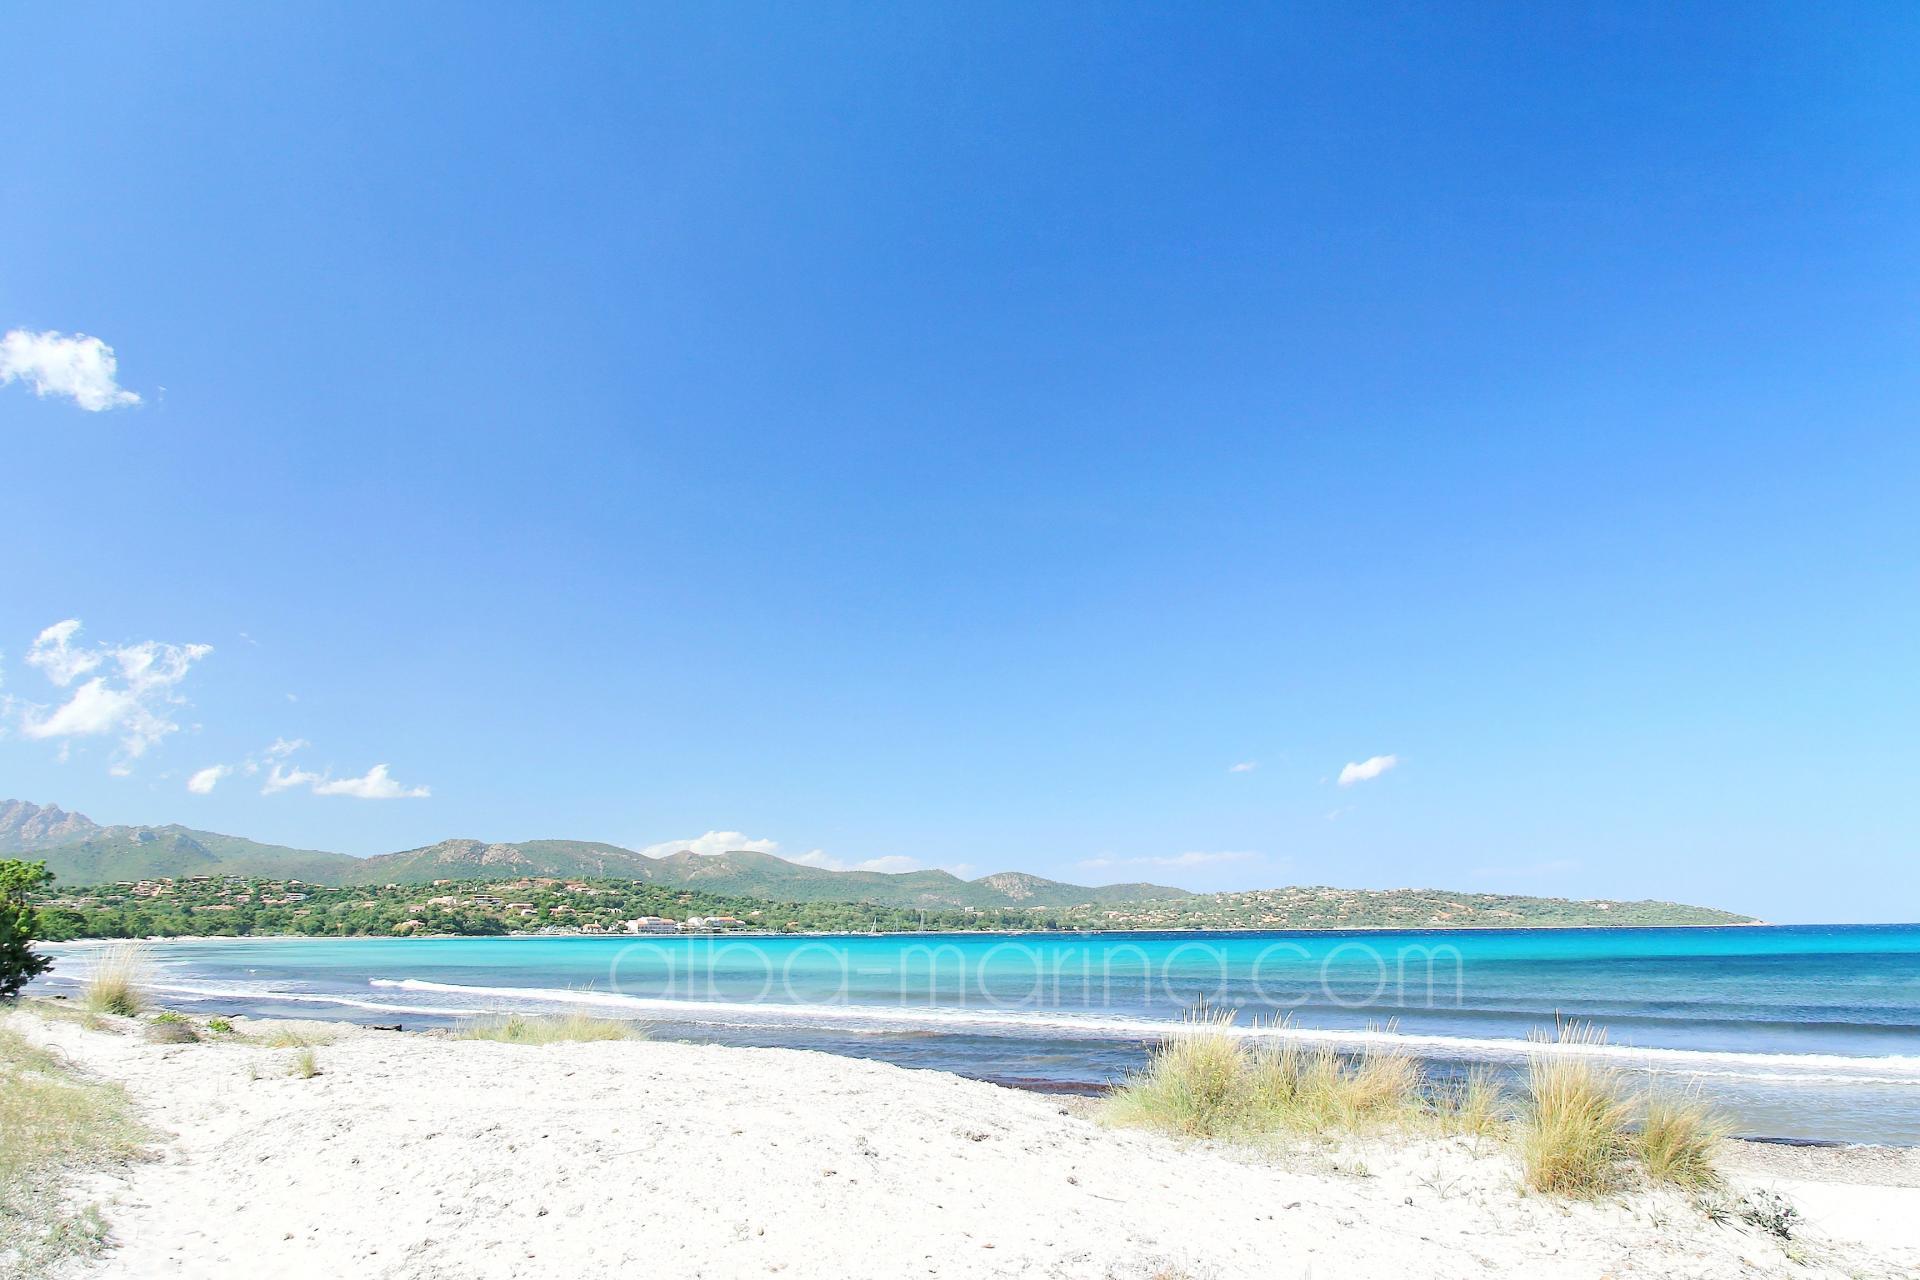 la plage de Pinarello en Corse